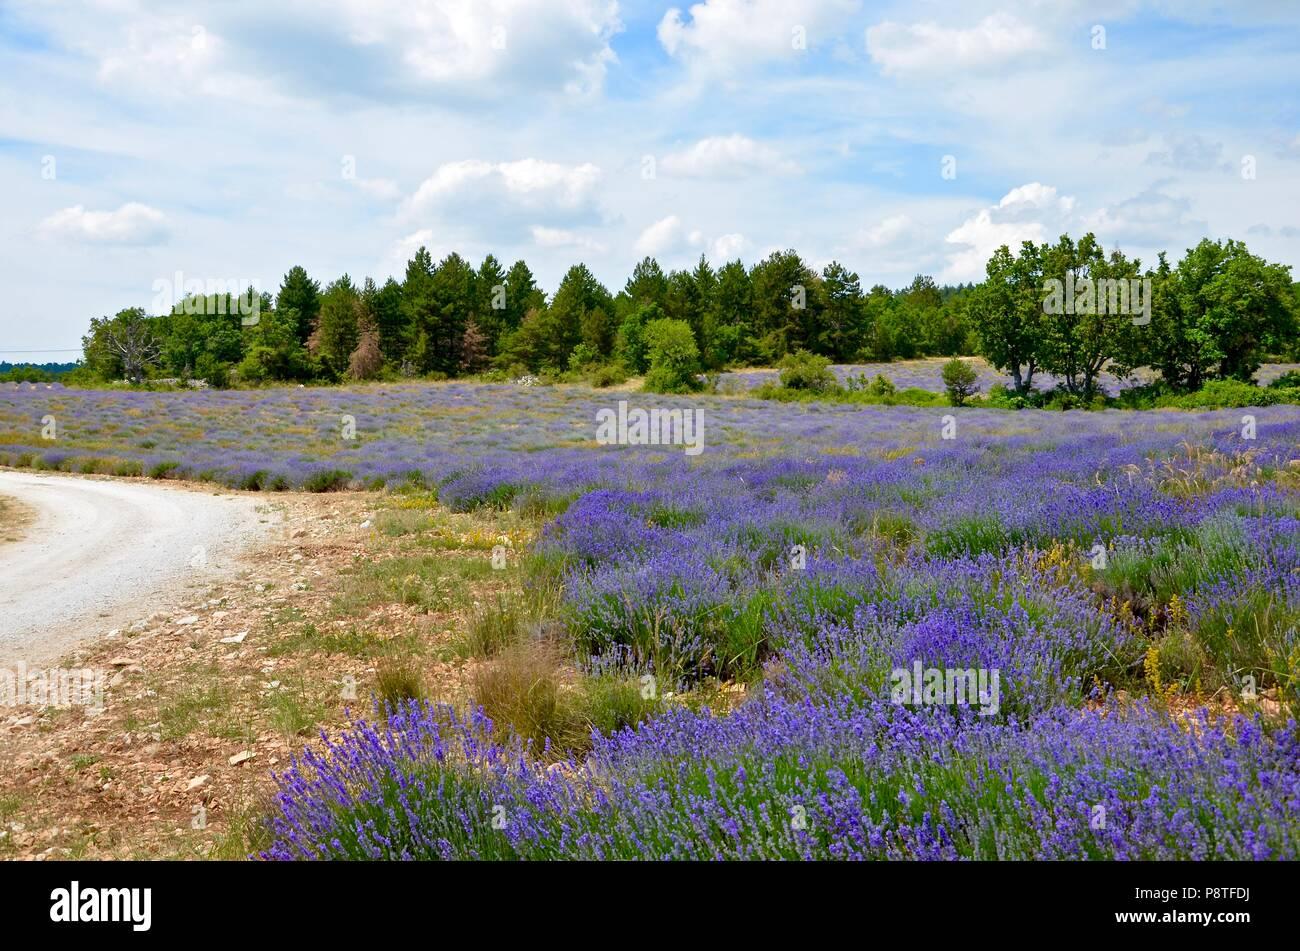 Blühende Lavendelfelder in der Provence, Frankreich, natürliche Umwelt, Landwirtschaft, Sommer, saisonale, Duft, Sonne, Urlaub, Wandern, Radfahren Stockbild